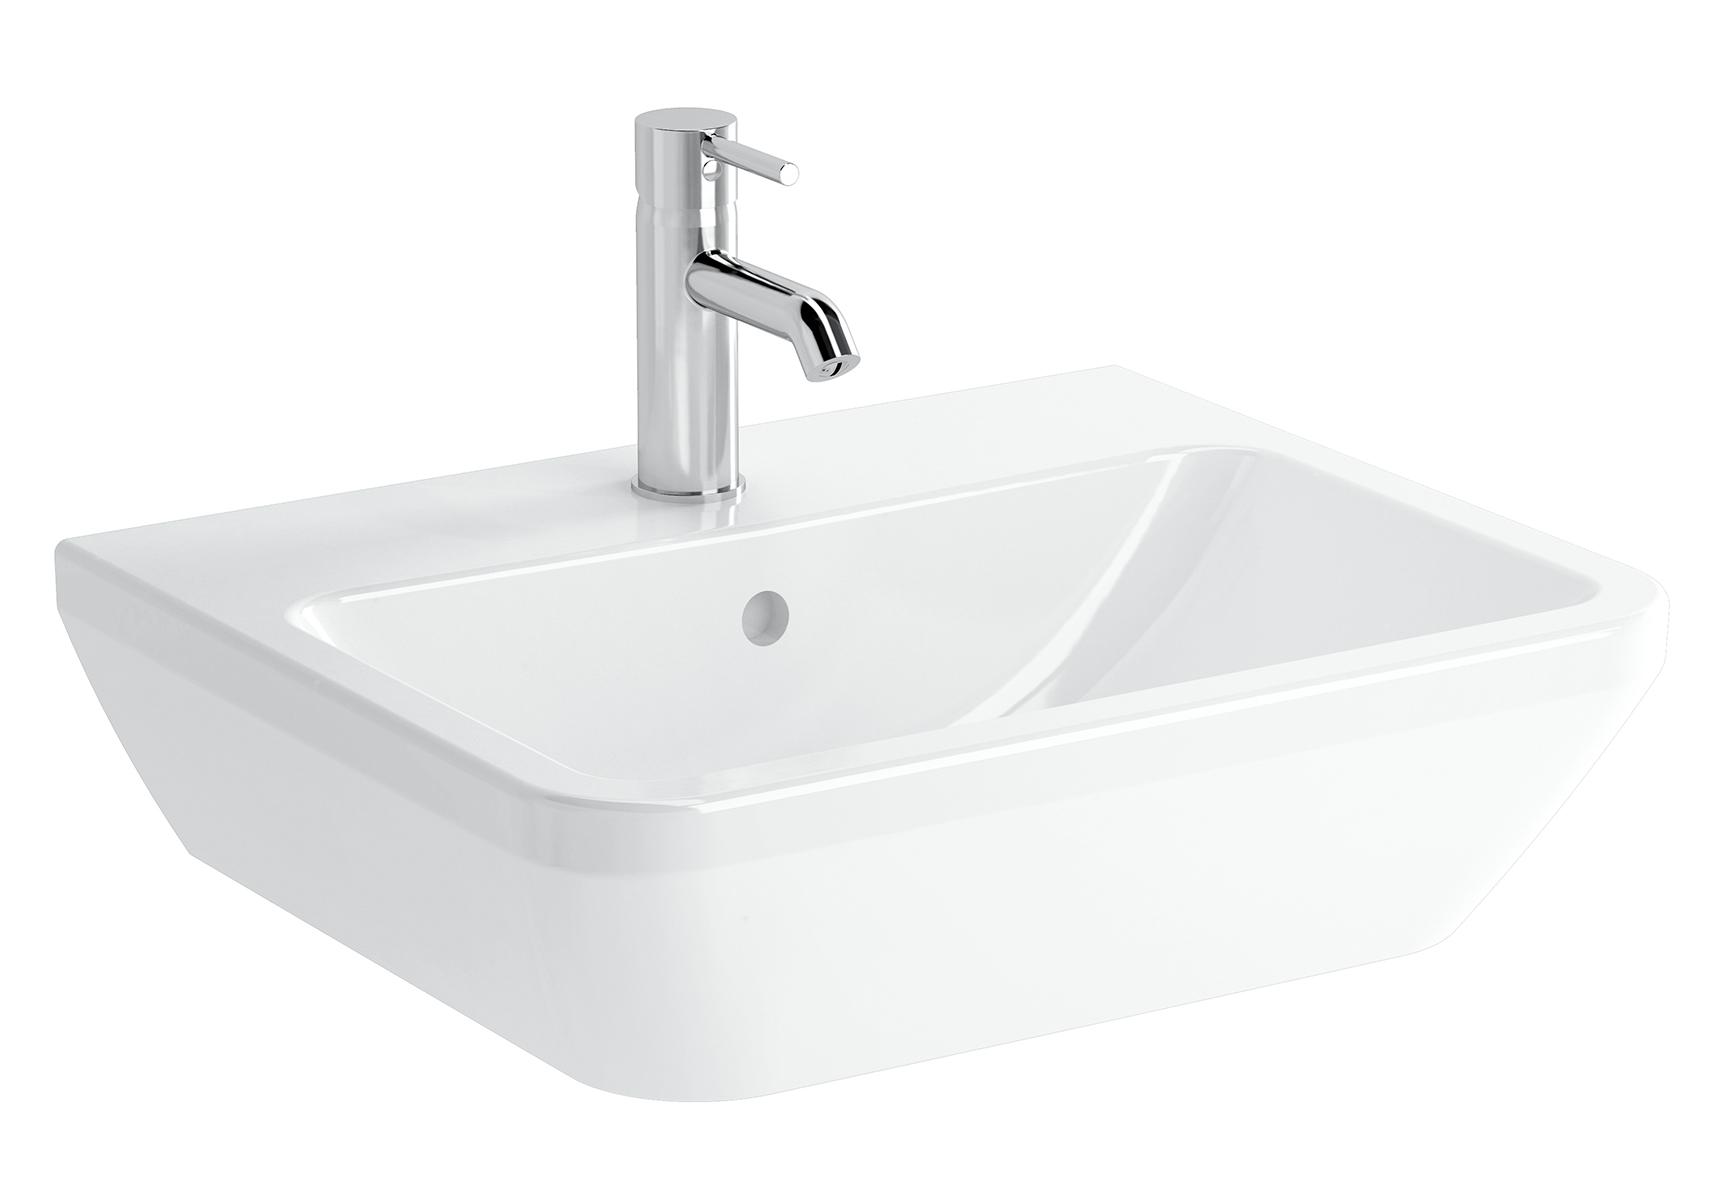 Integra lavabo carré, 55 cm, avec trou de robinet, avec trop-plein